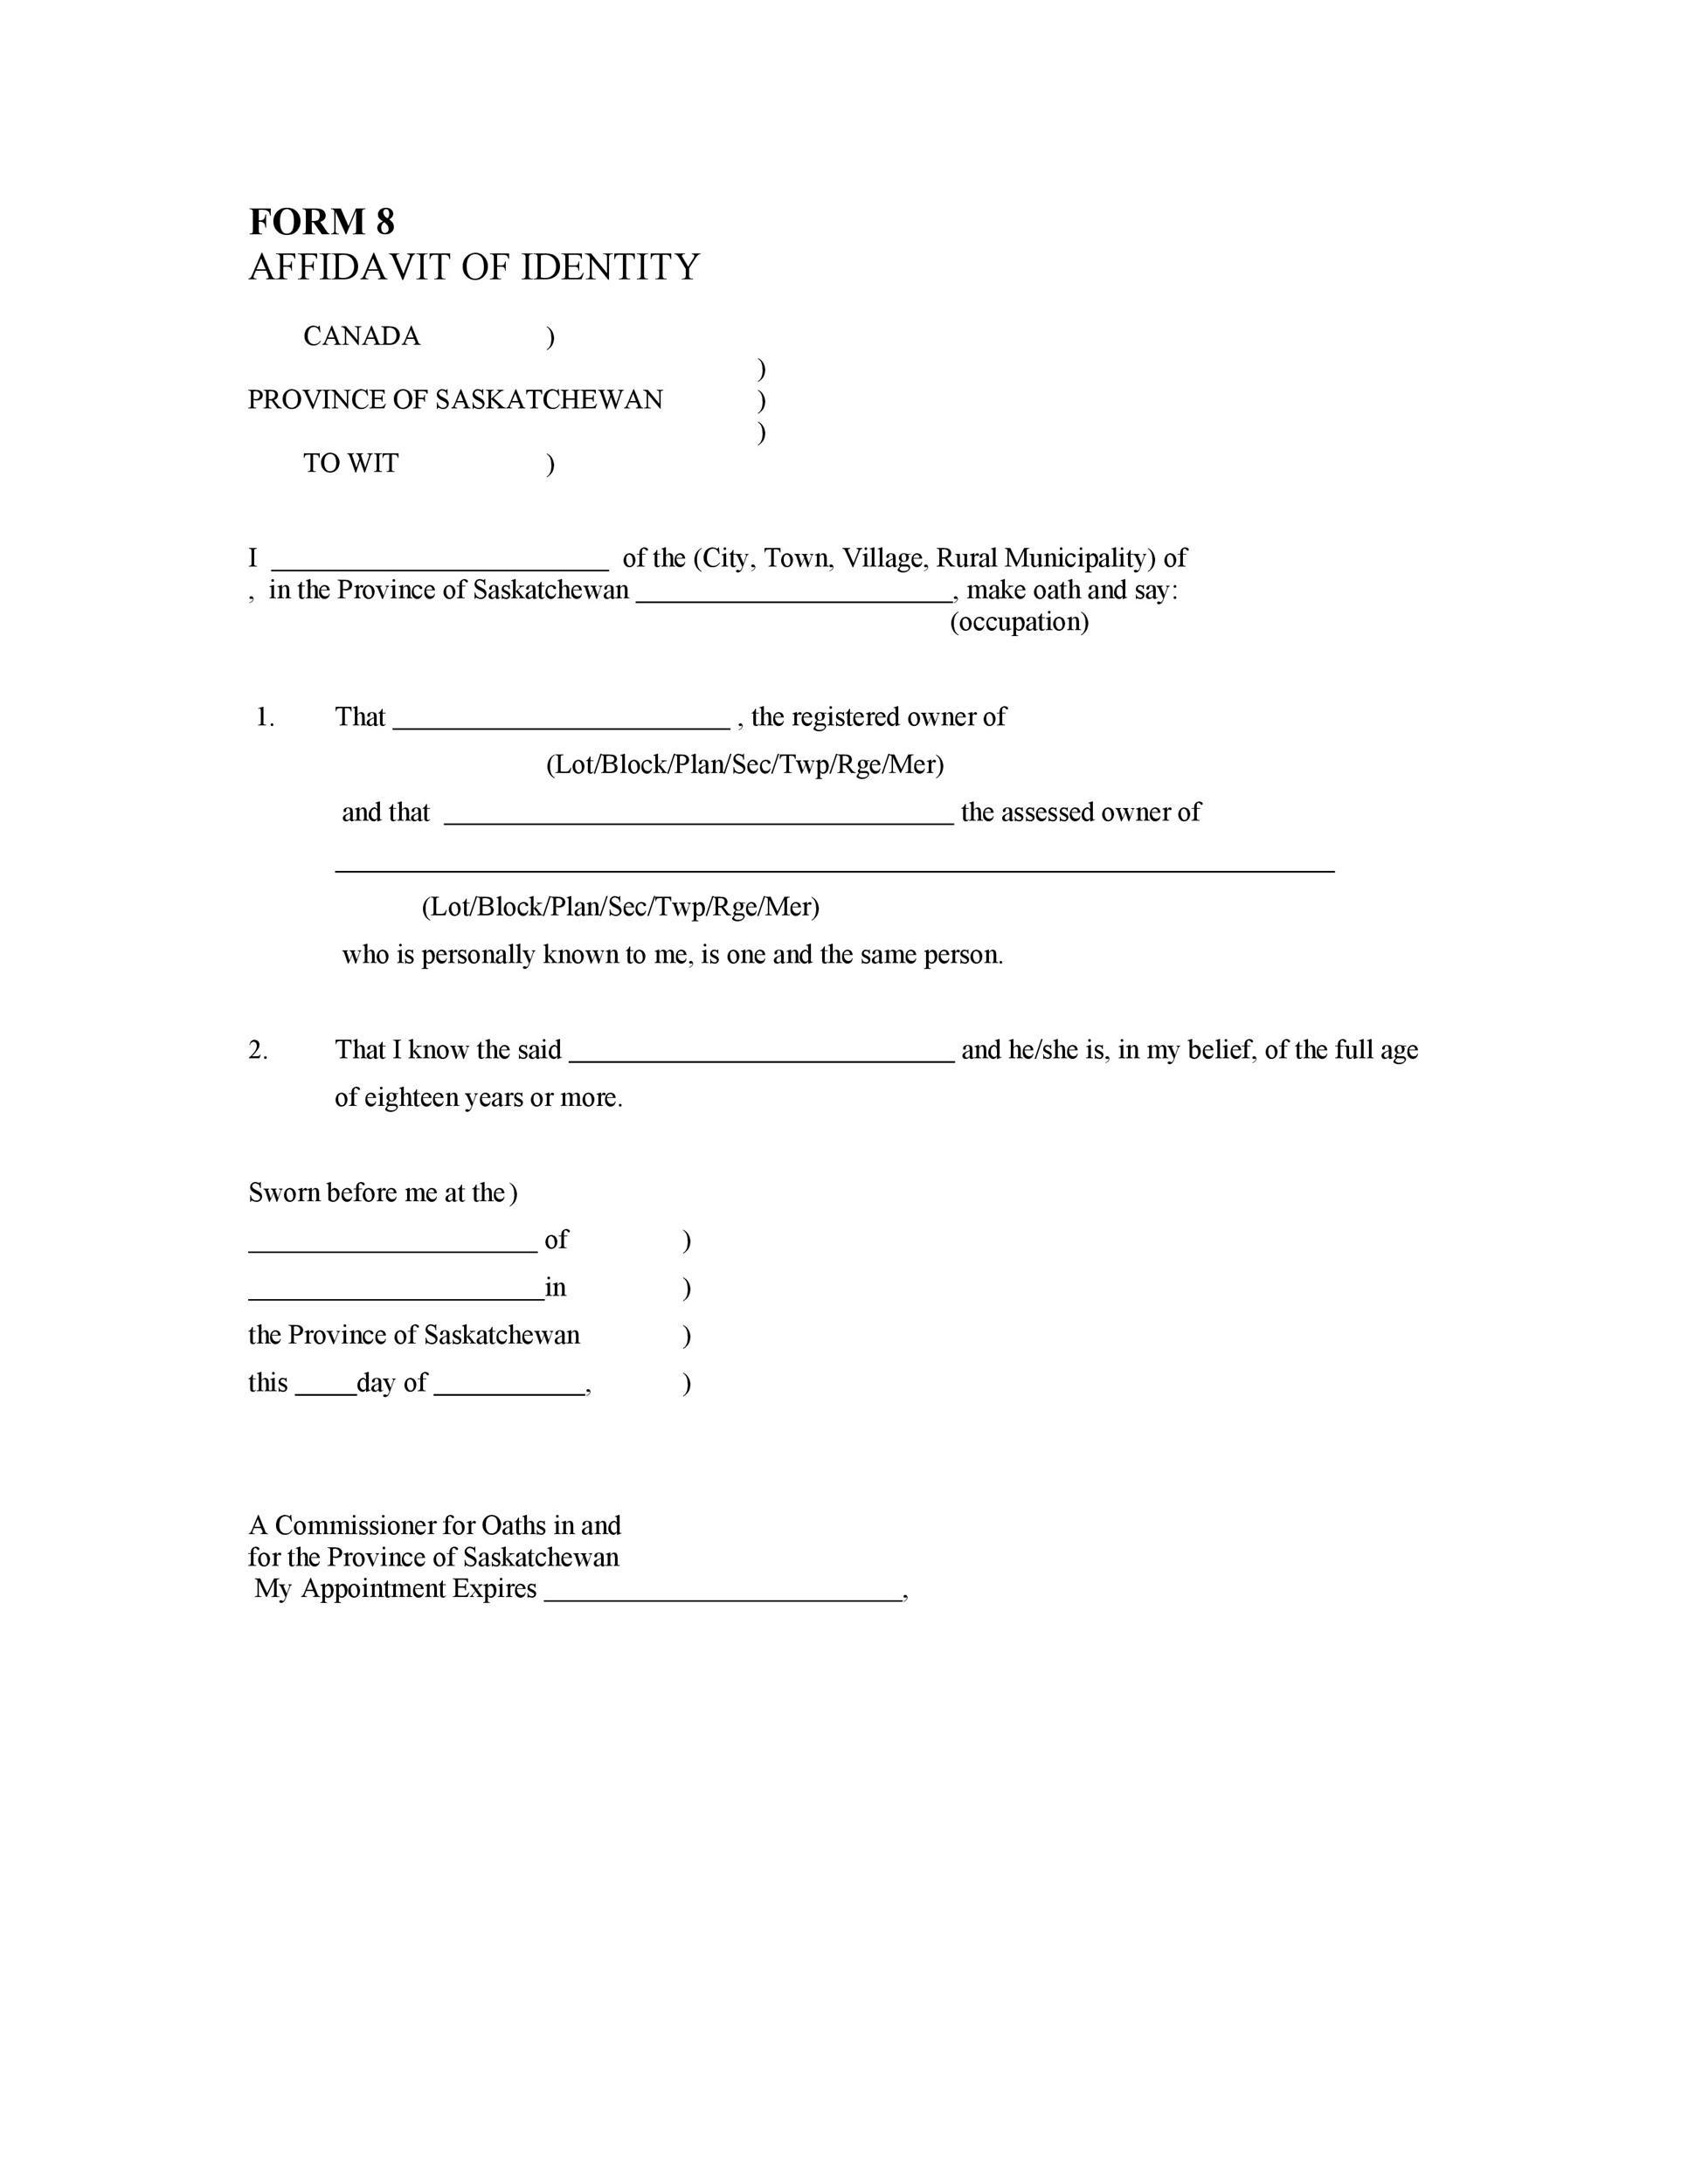 Free affidavit of identity 32